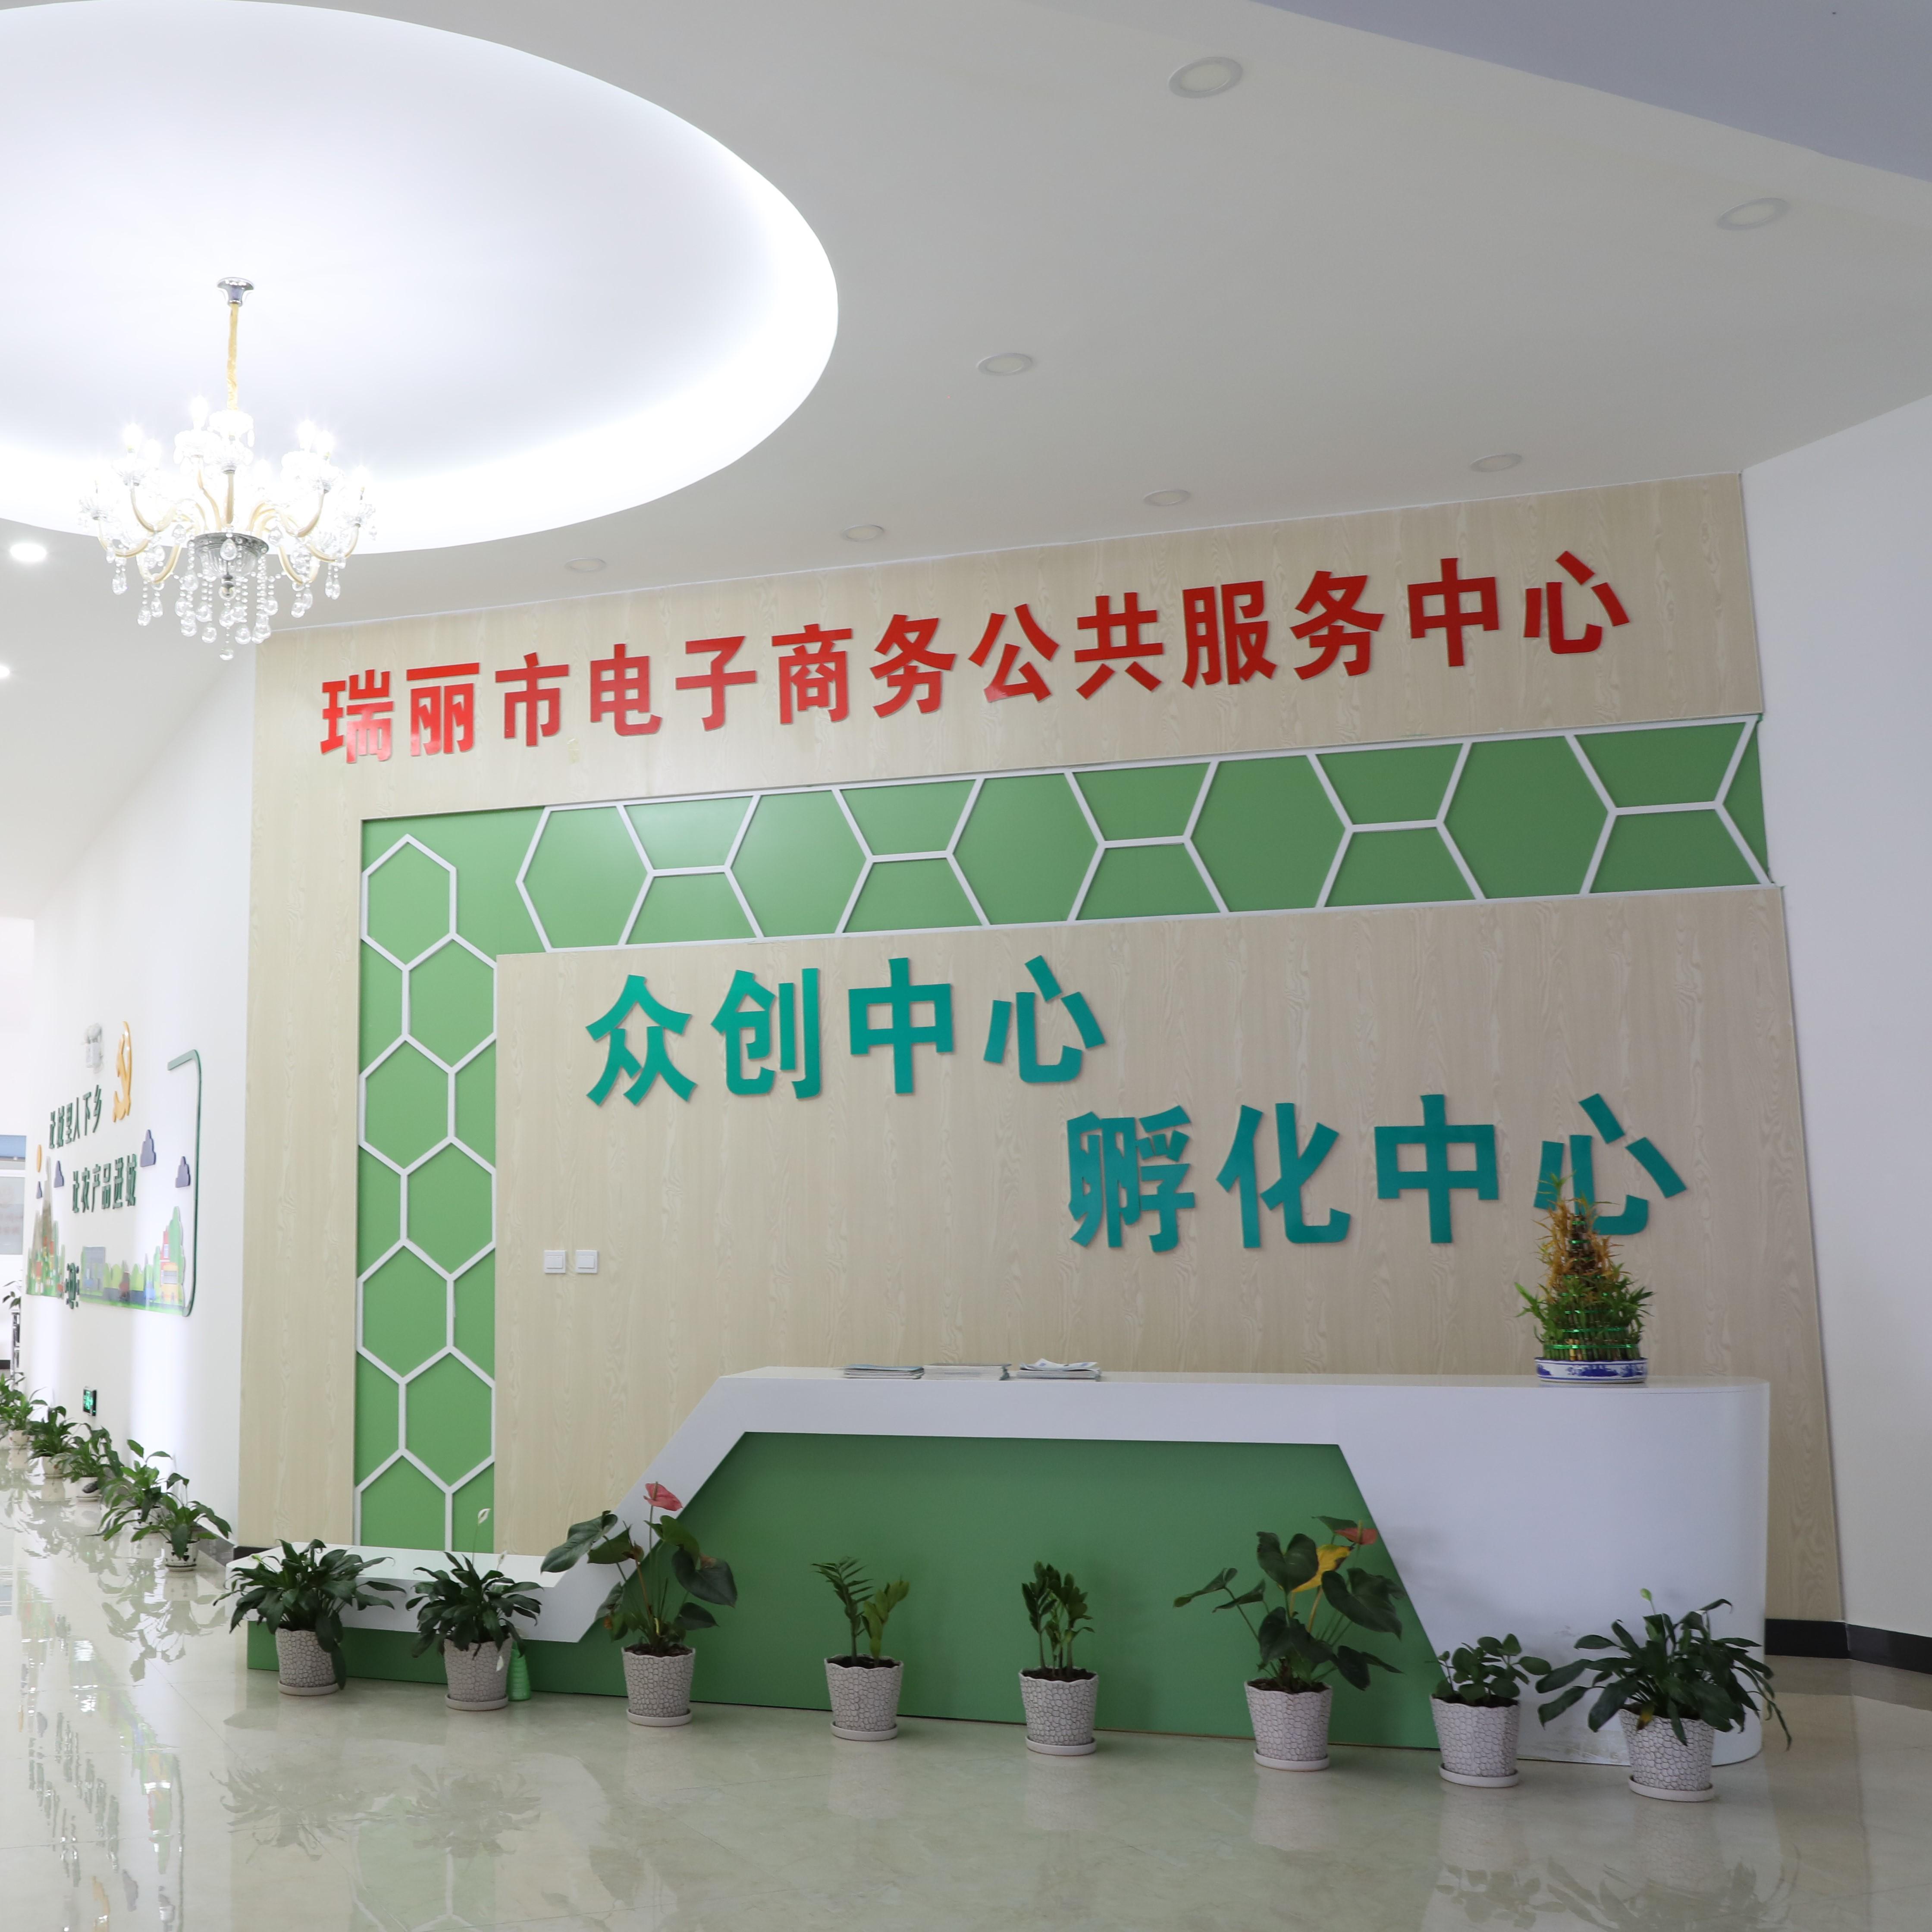 云南瑞丽项目中心